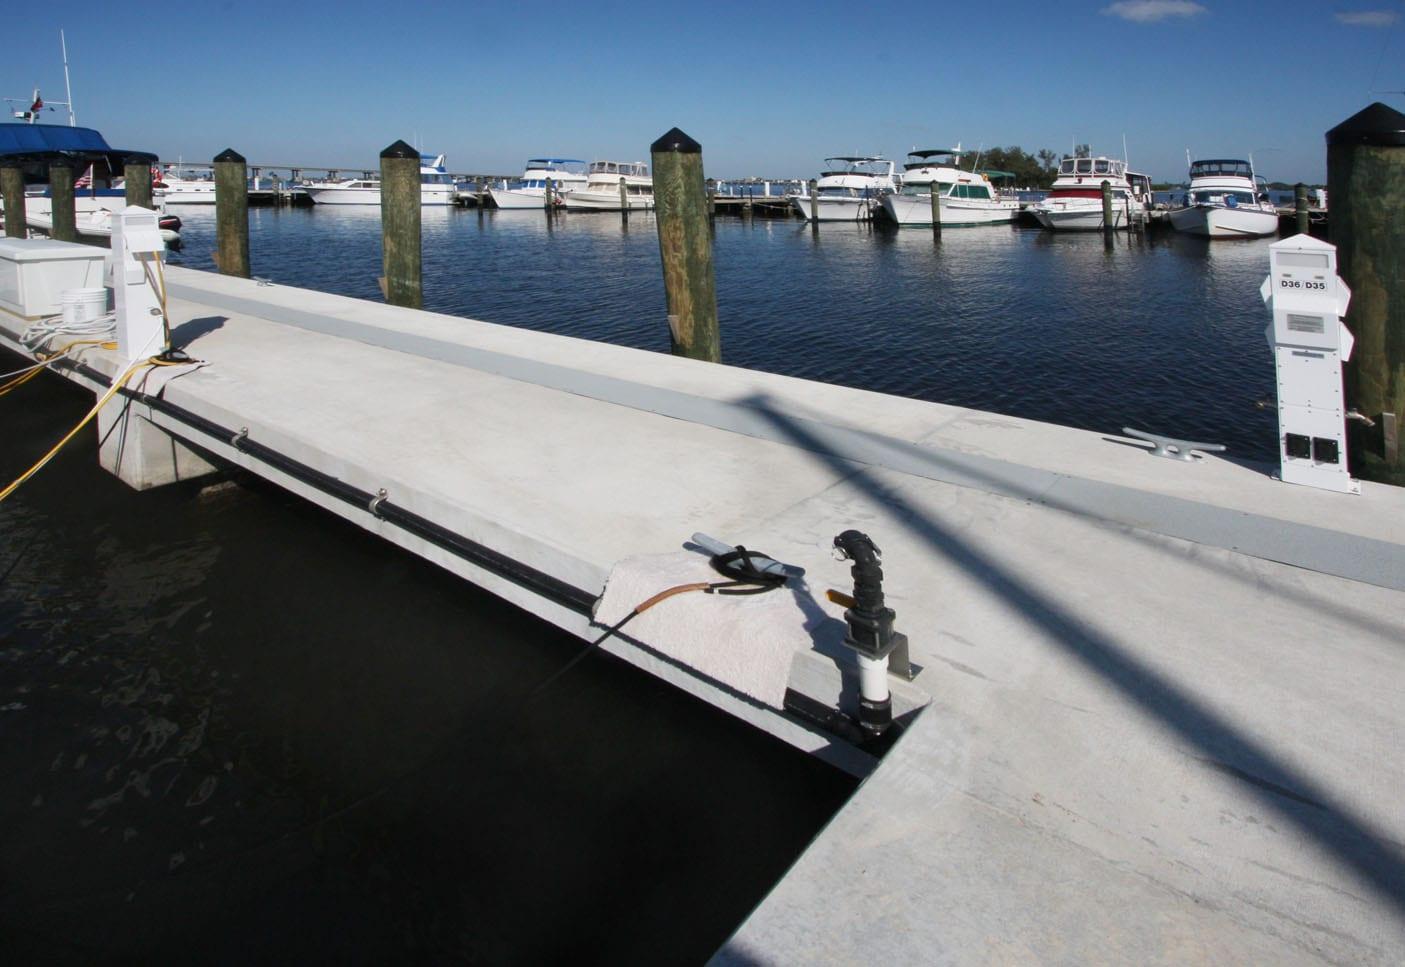 Yacht_Basin_0003_Layer 2